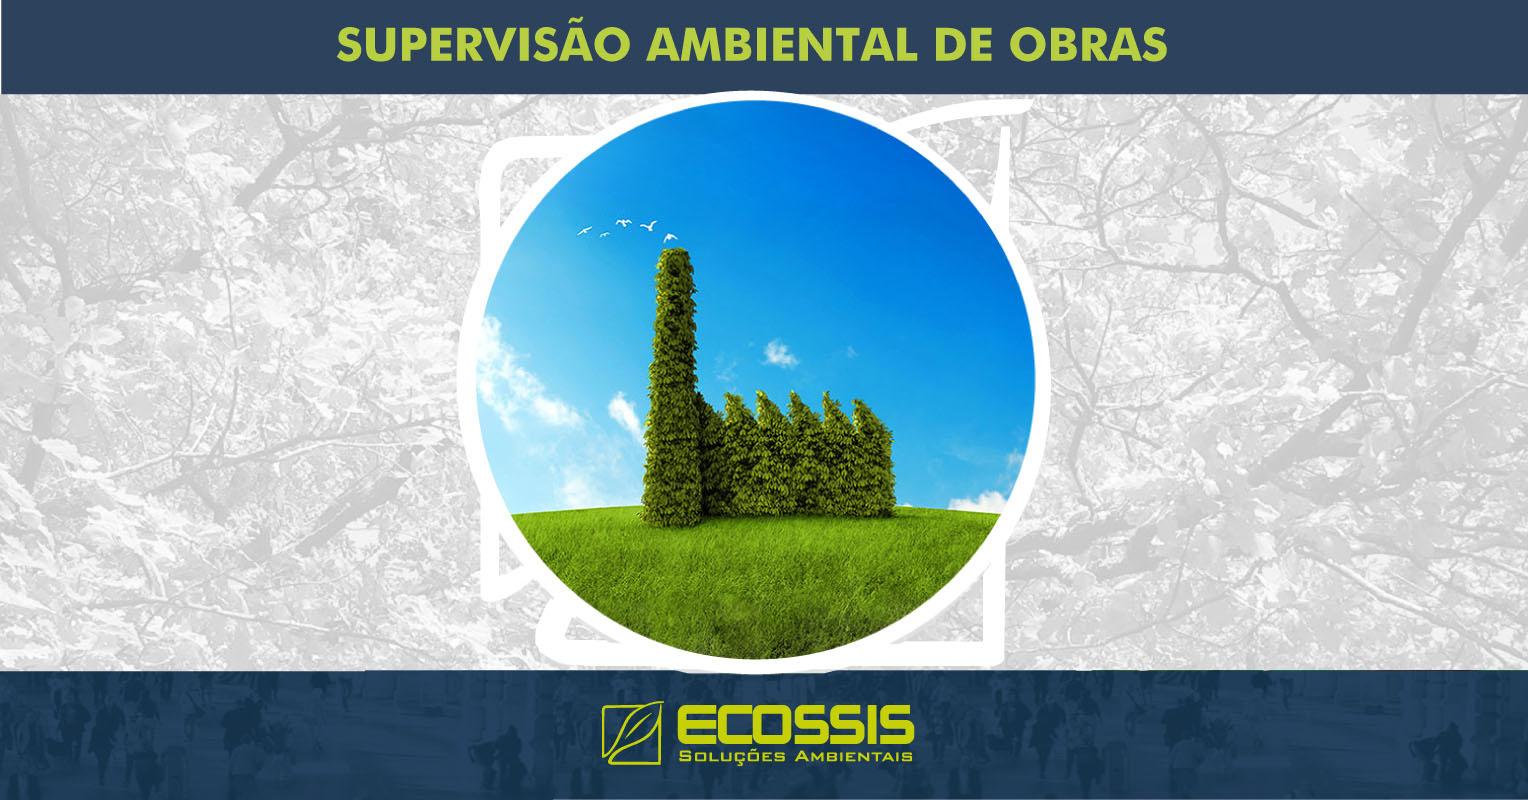 Supervisão ambiental em obras